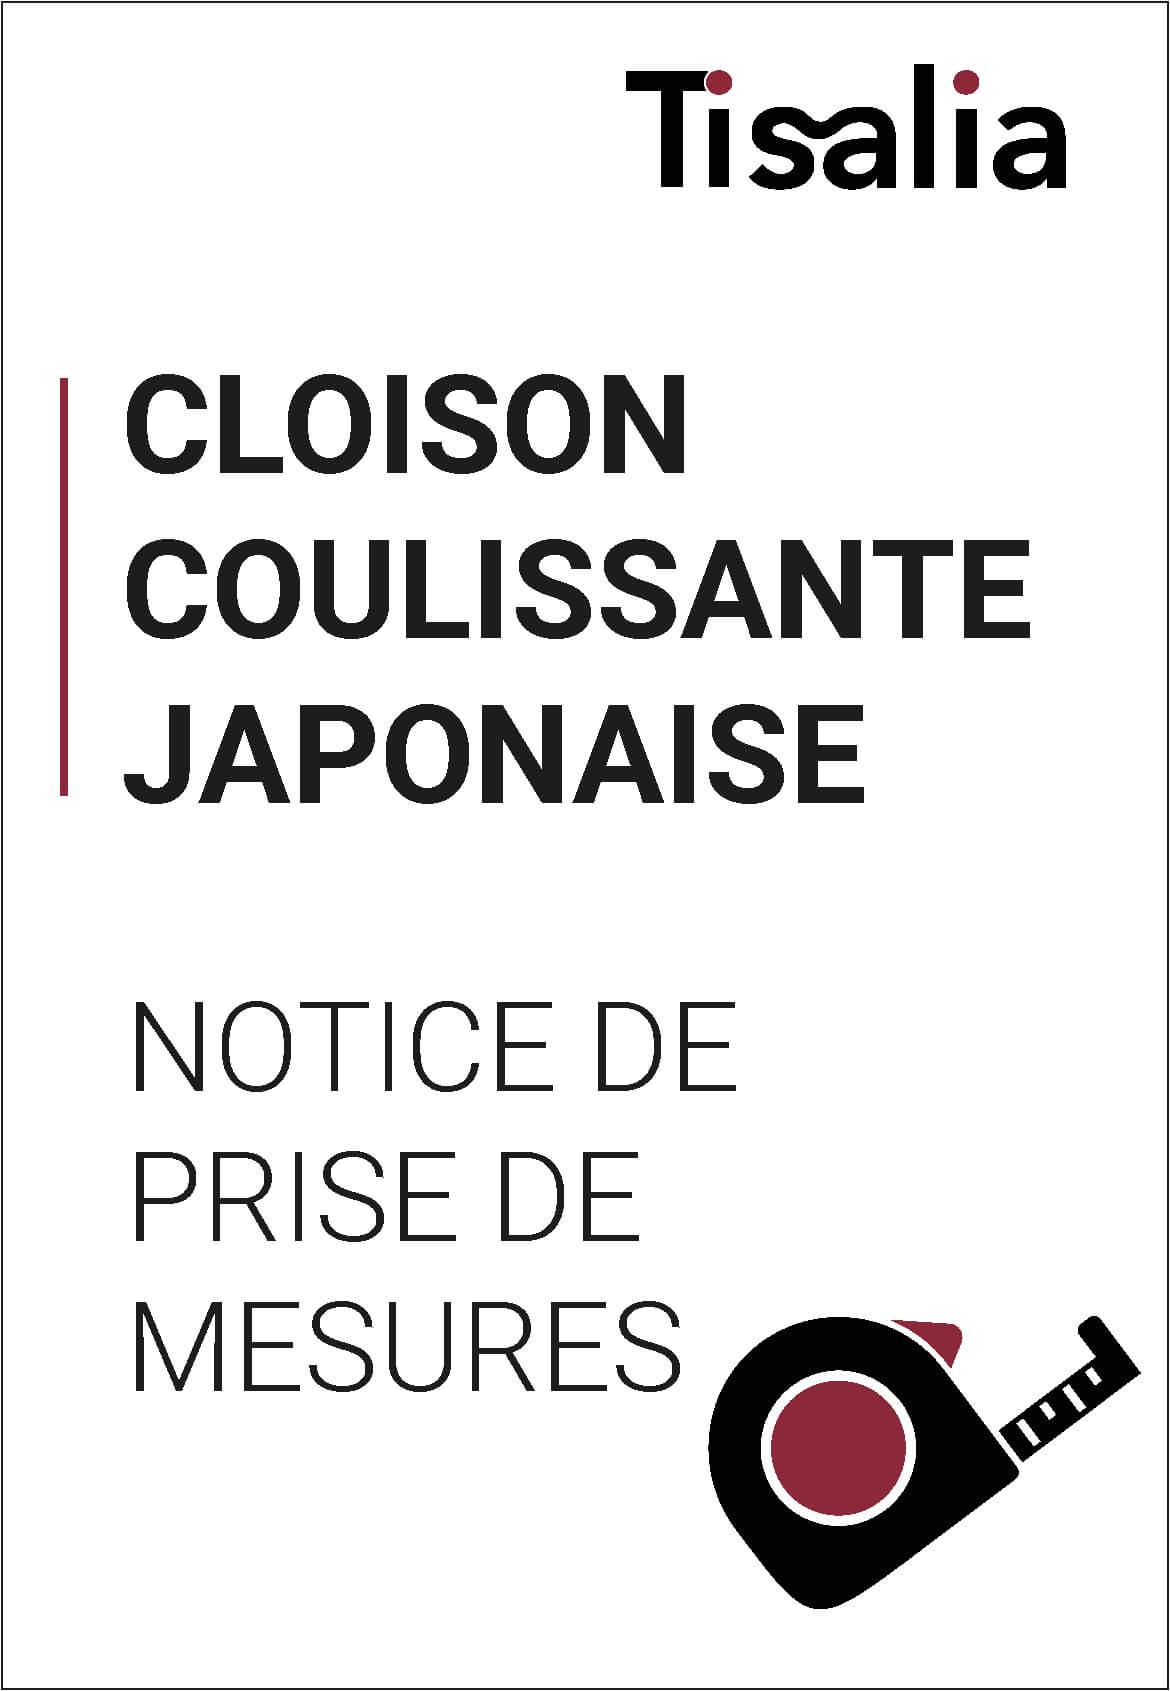 cloisons coulissantes japonaises - notice prise mesures.jpg